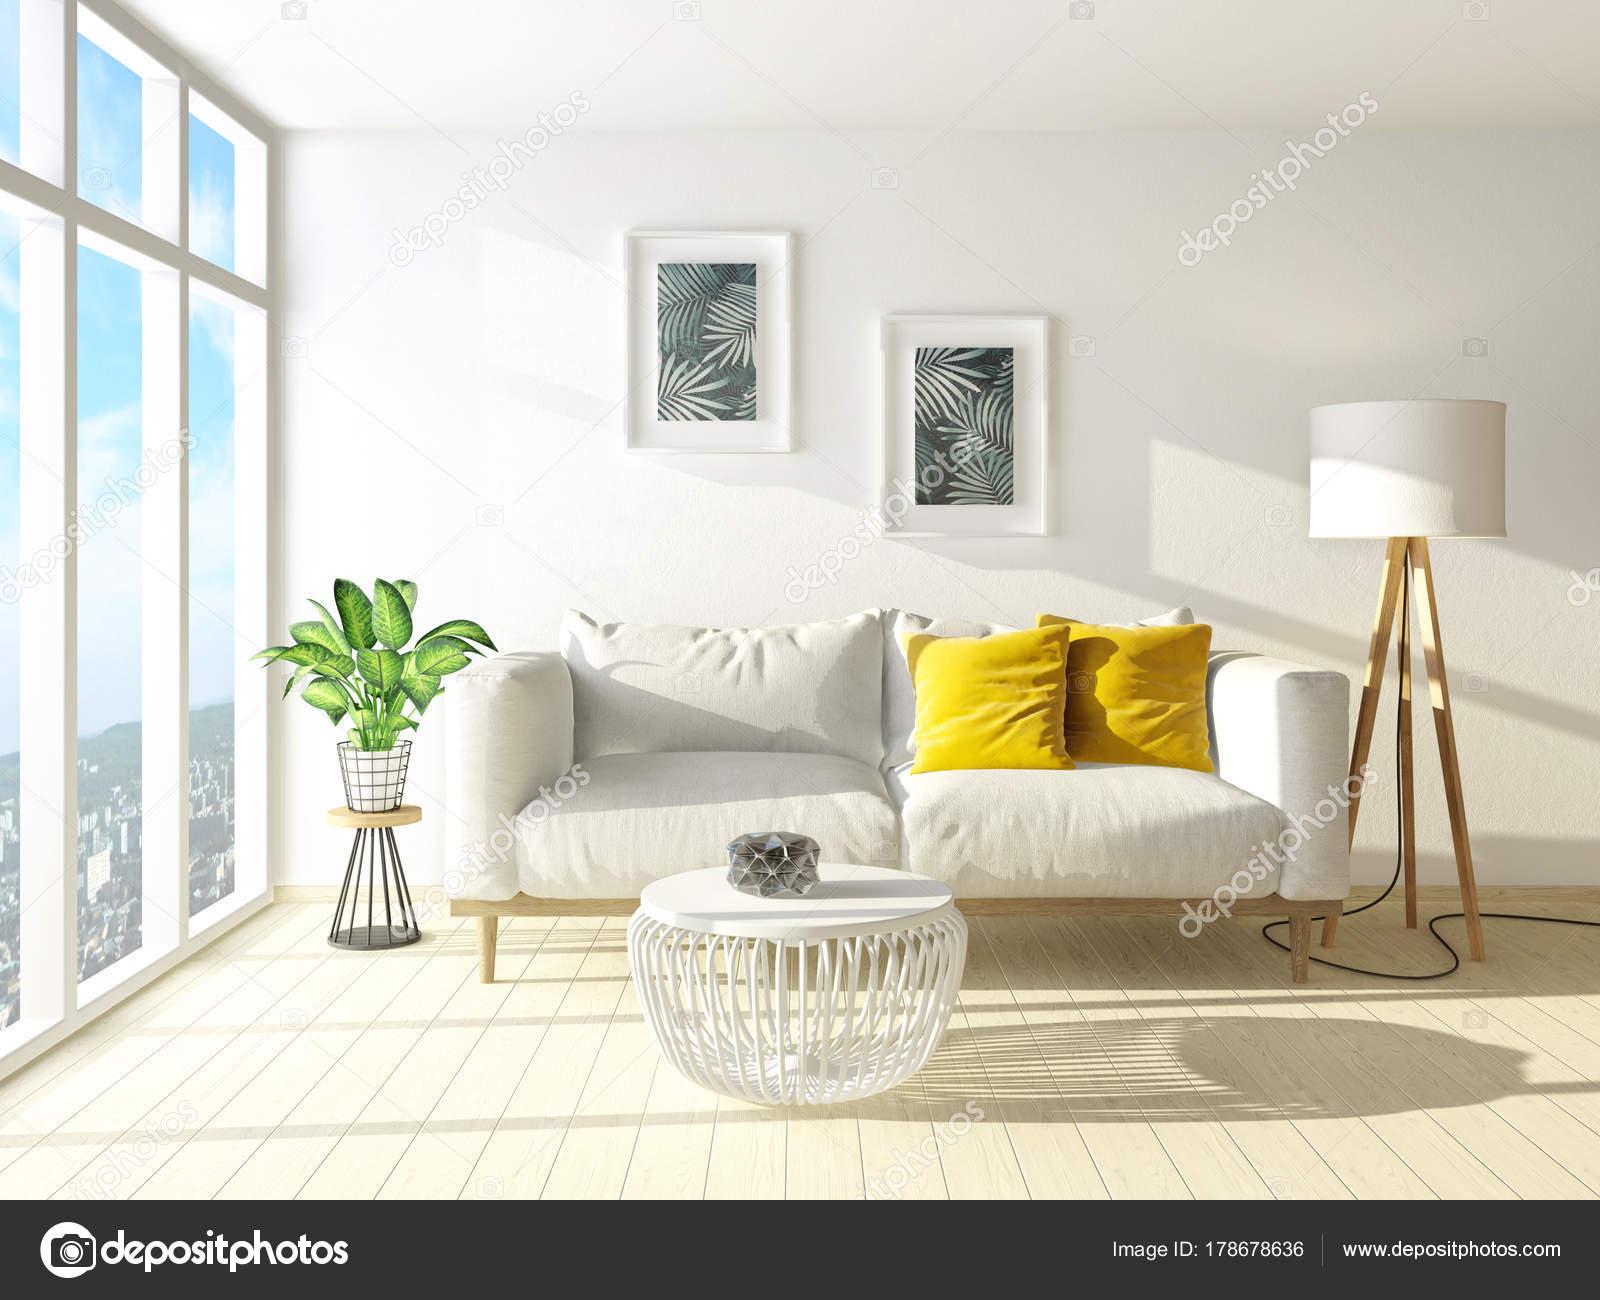 Lampen Scandinavisch Interieur : Moderne woonkamer met sofa lamp scandinavisch interieur design